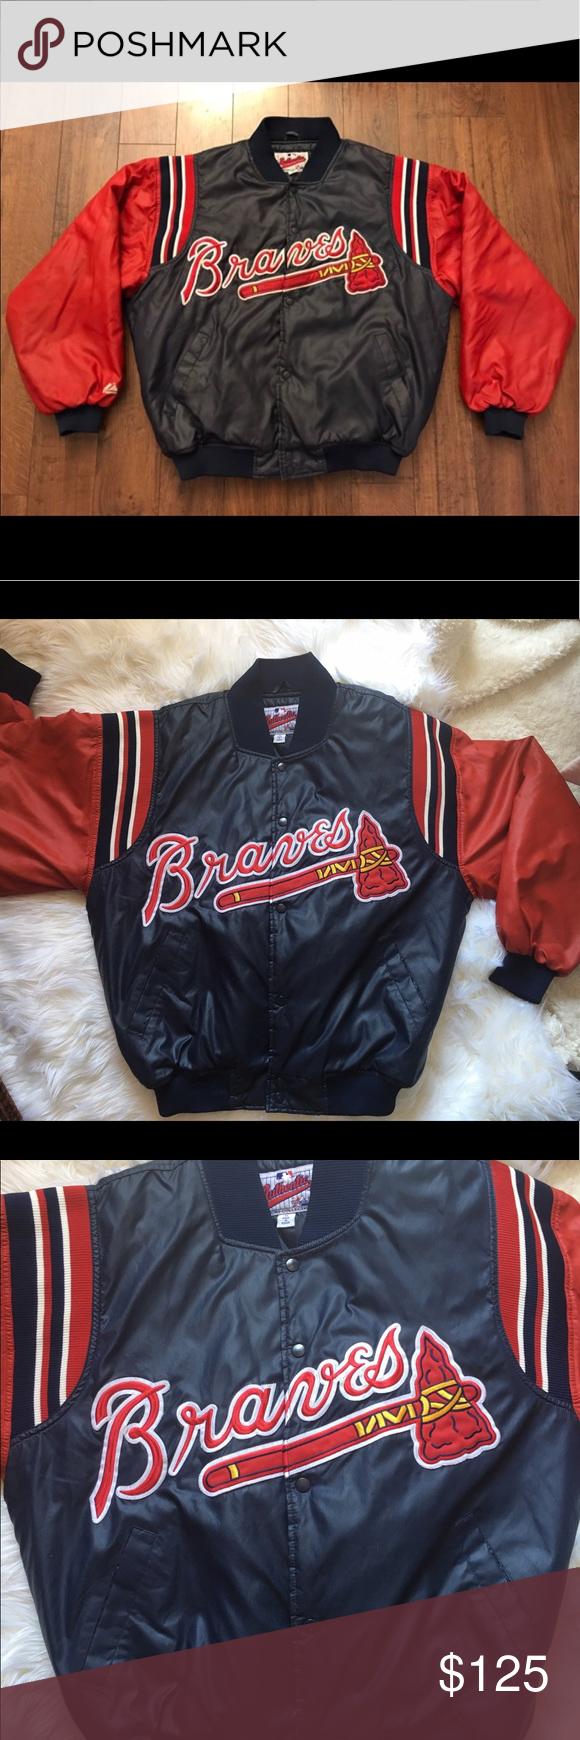 Vintage Mlb Authentic Atlanta Braves Varsityjacket Atlanta Braves Braves Jacket Buttons